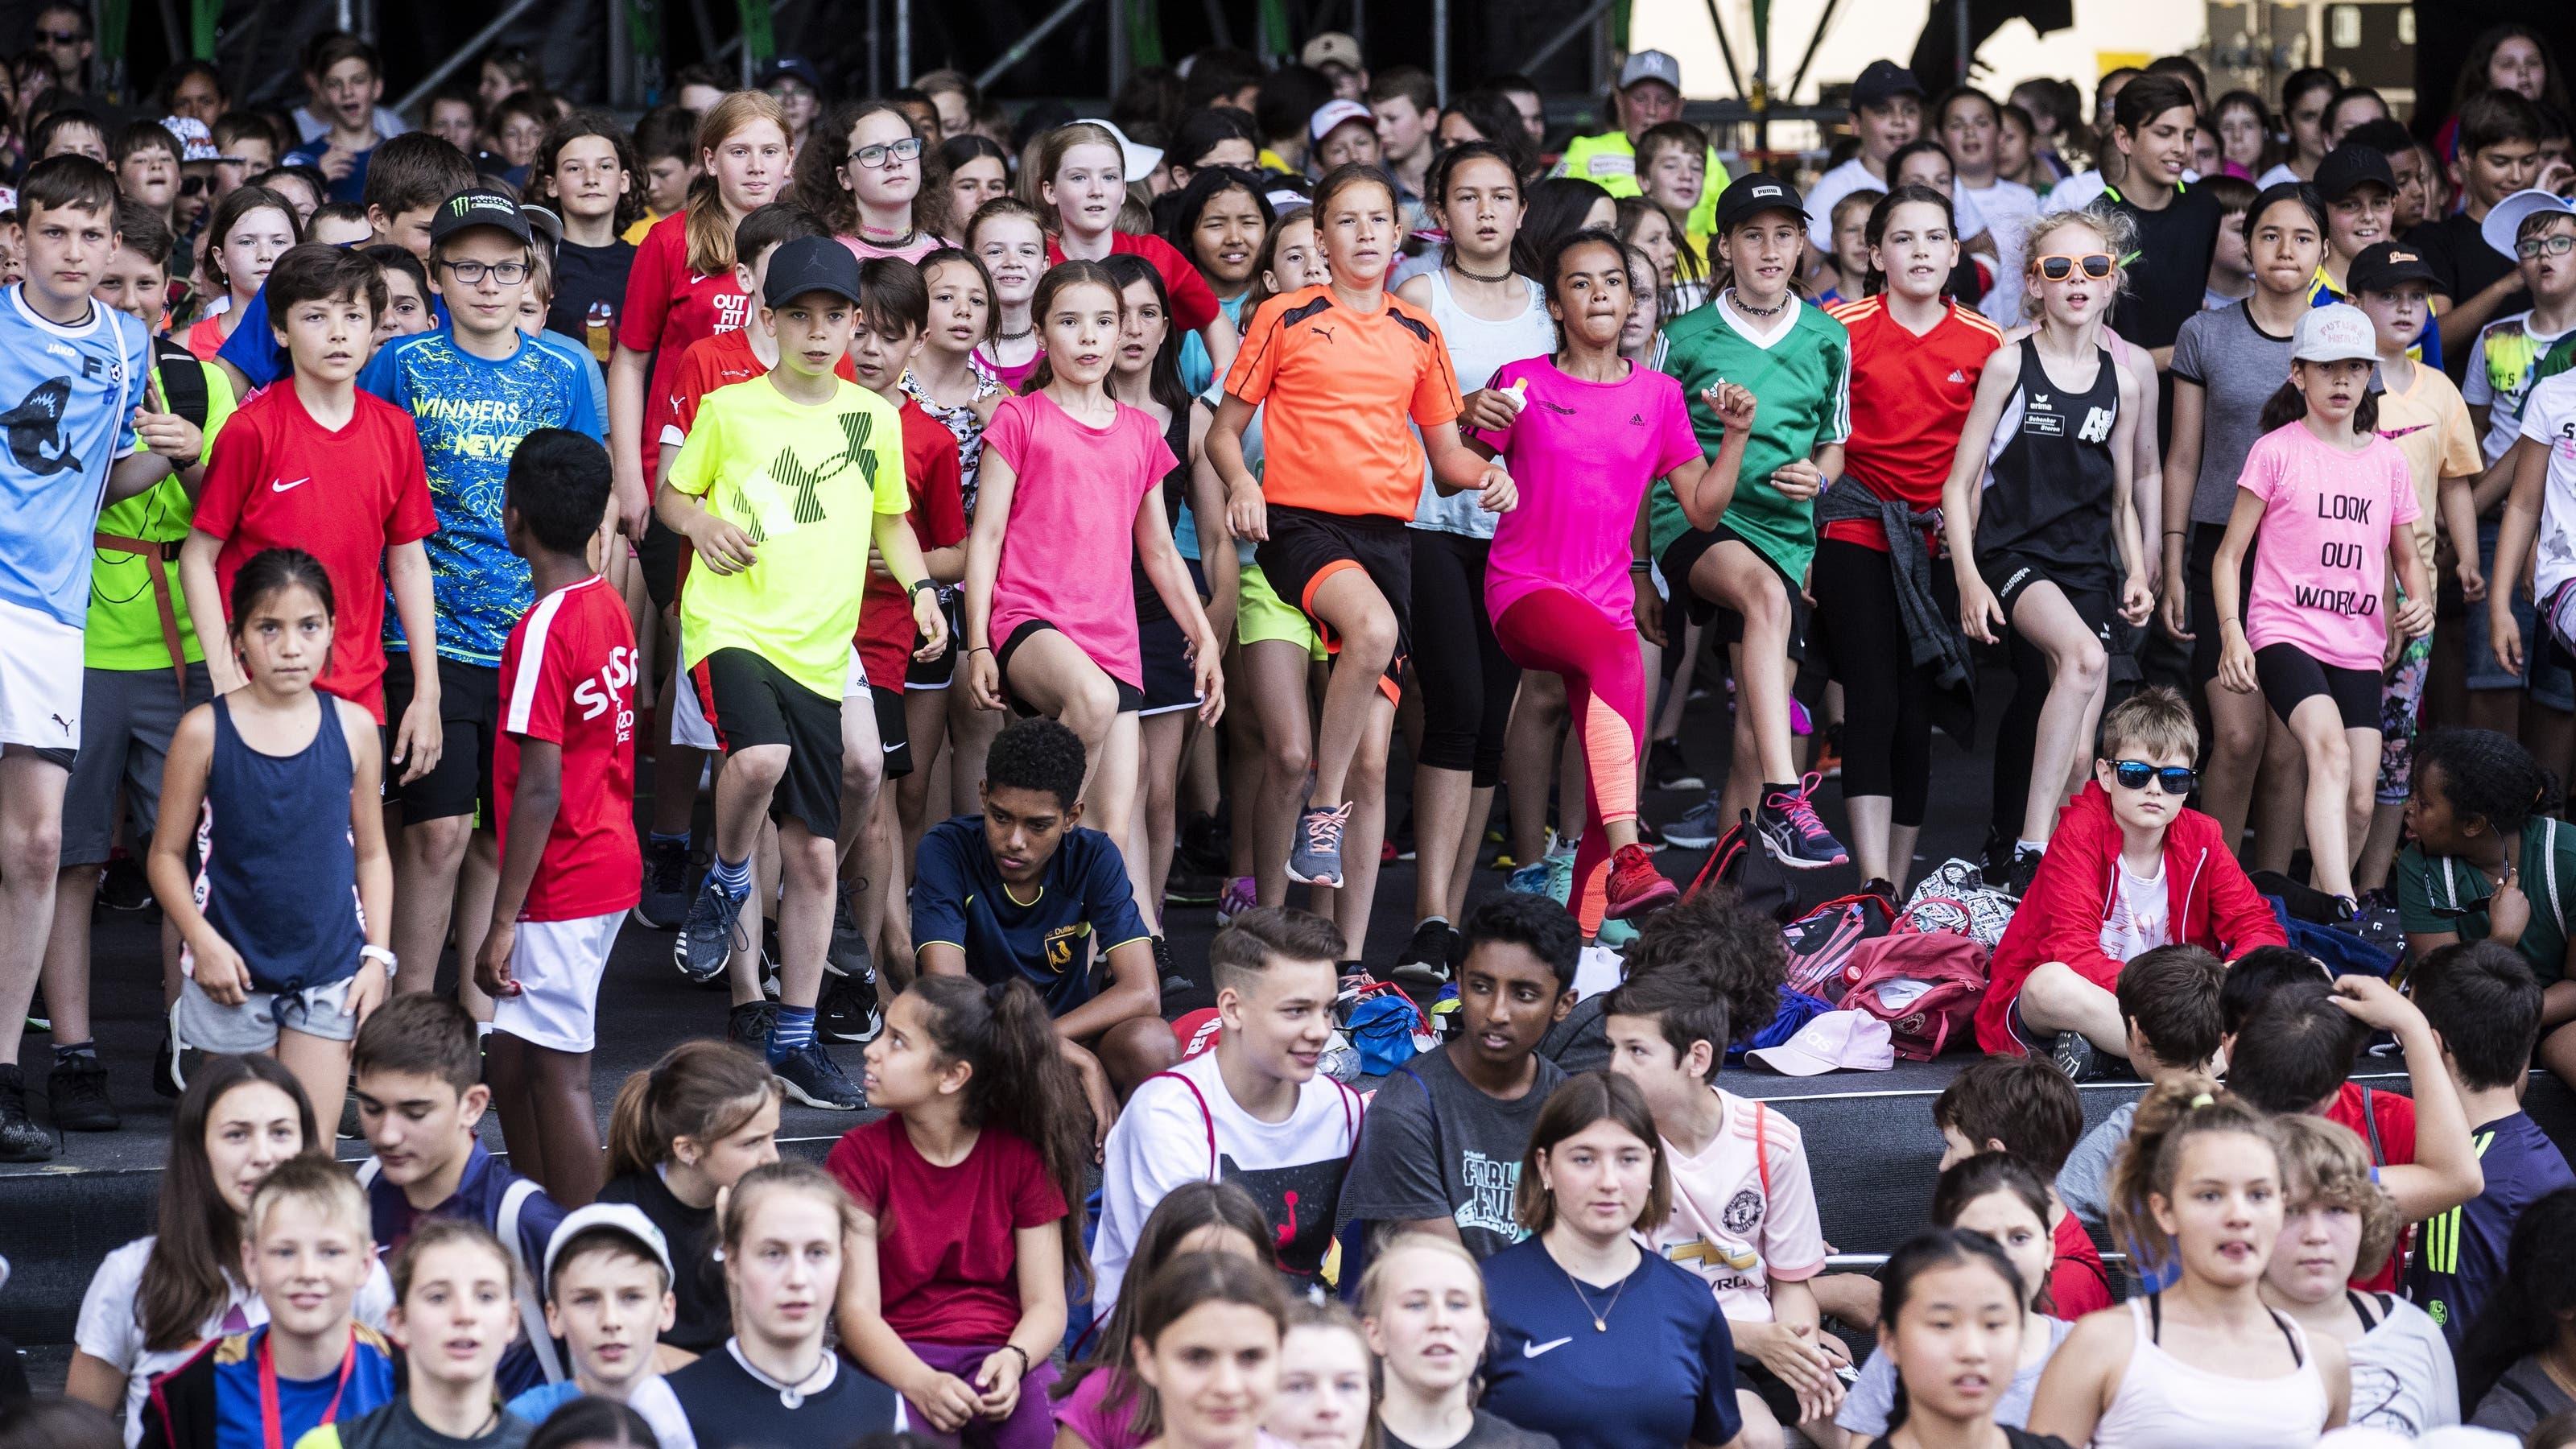 Jugendliche und Erwachsene tanzen am Tag der Generationen (19. Juni 2019)